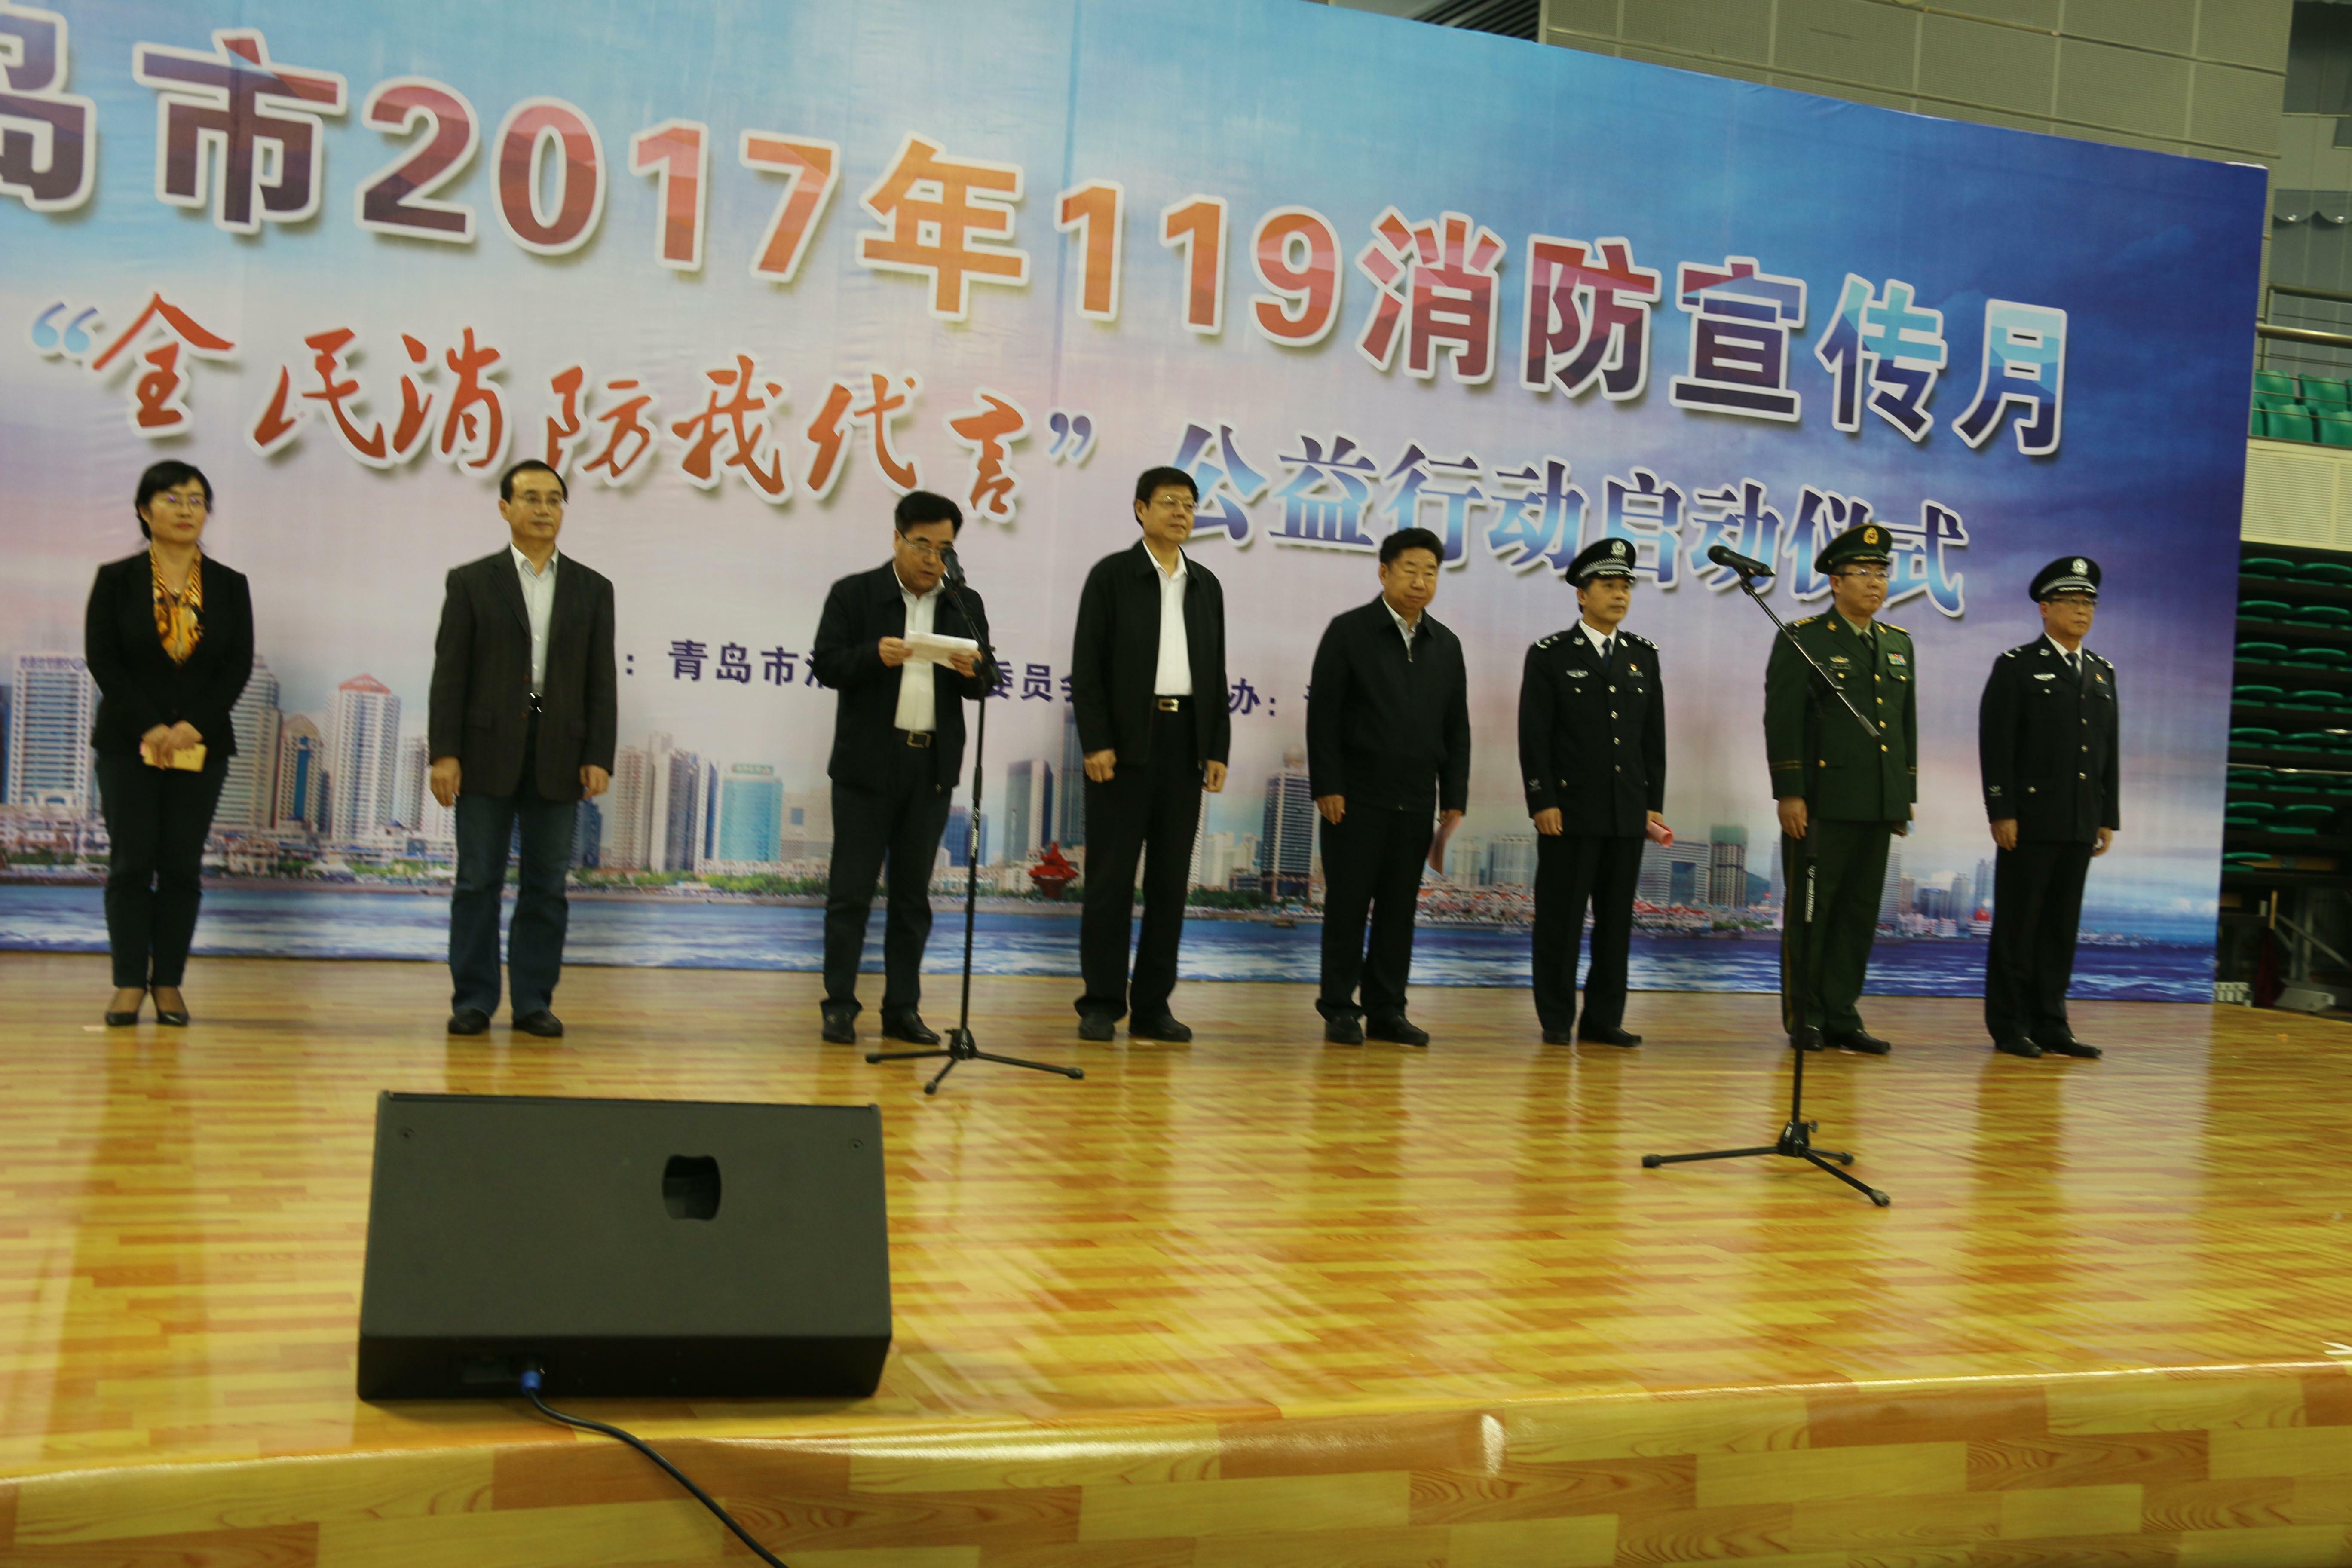 """青岛市2017年119消防安全月暨""""全民消防我代言""""公益行动启动仪式在我"""